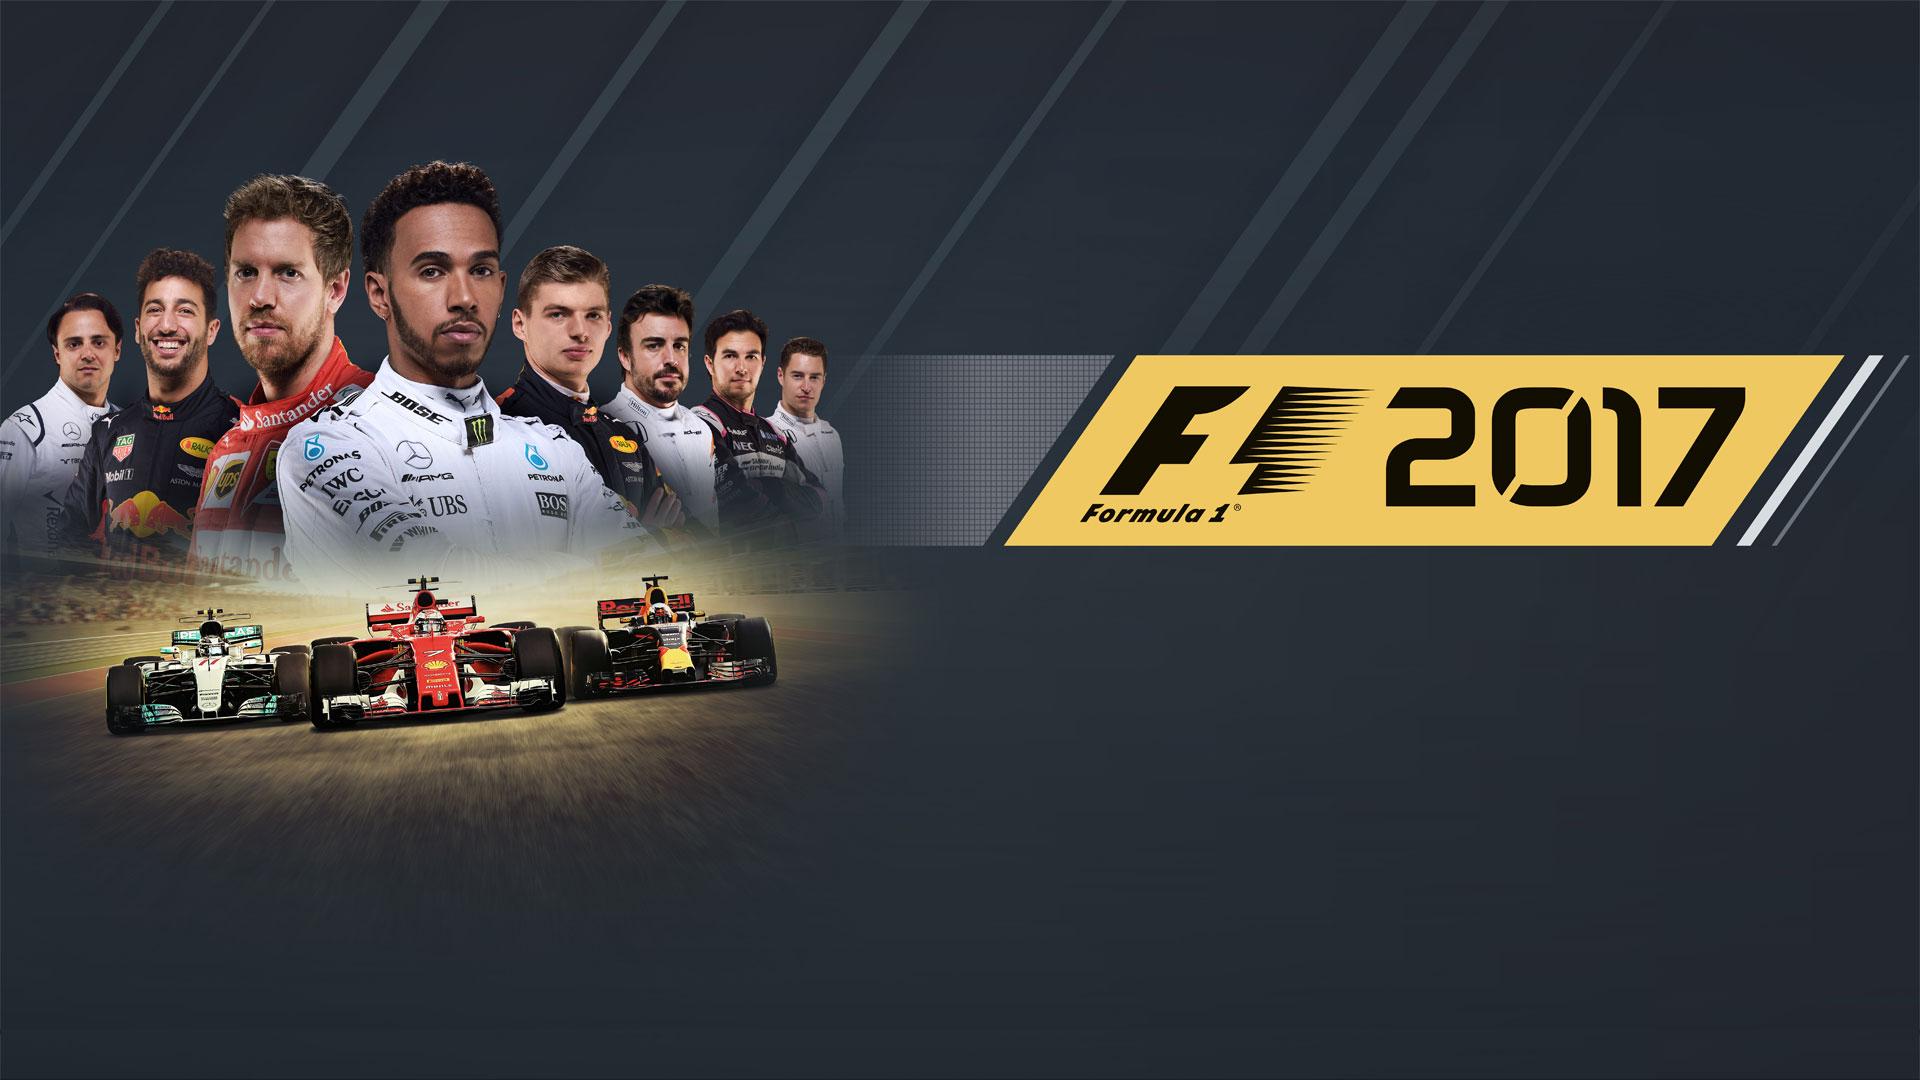 F1 Fanatic S Top Ten Gift Ideas For F1 Fans 2017 Racefans